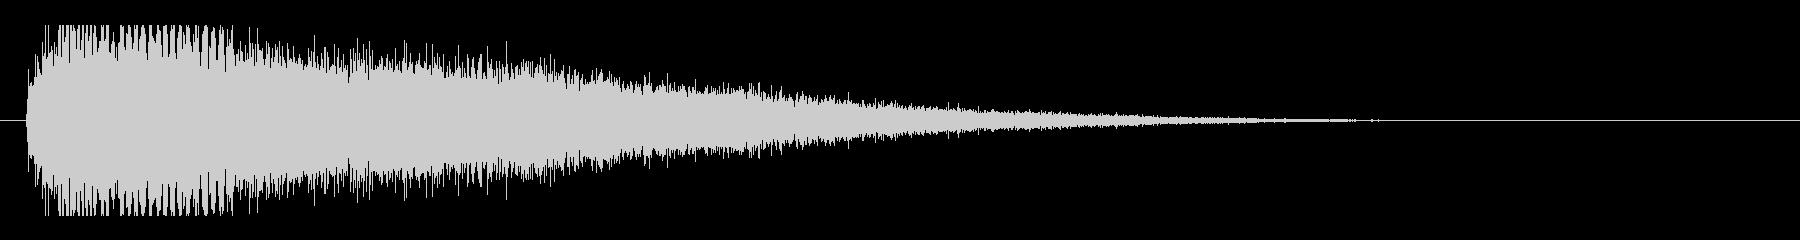 レーザー音-103-3の未再生の波形